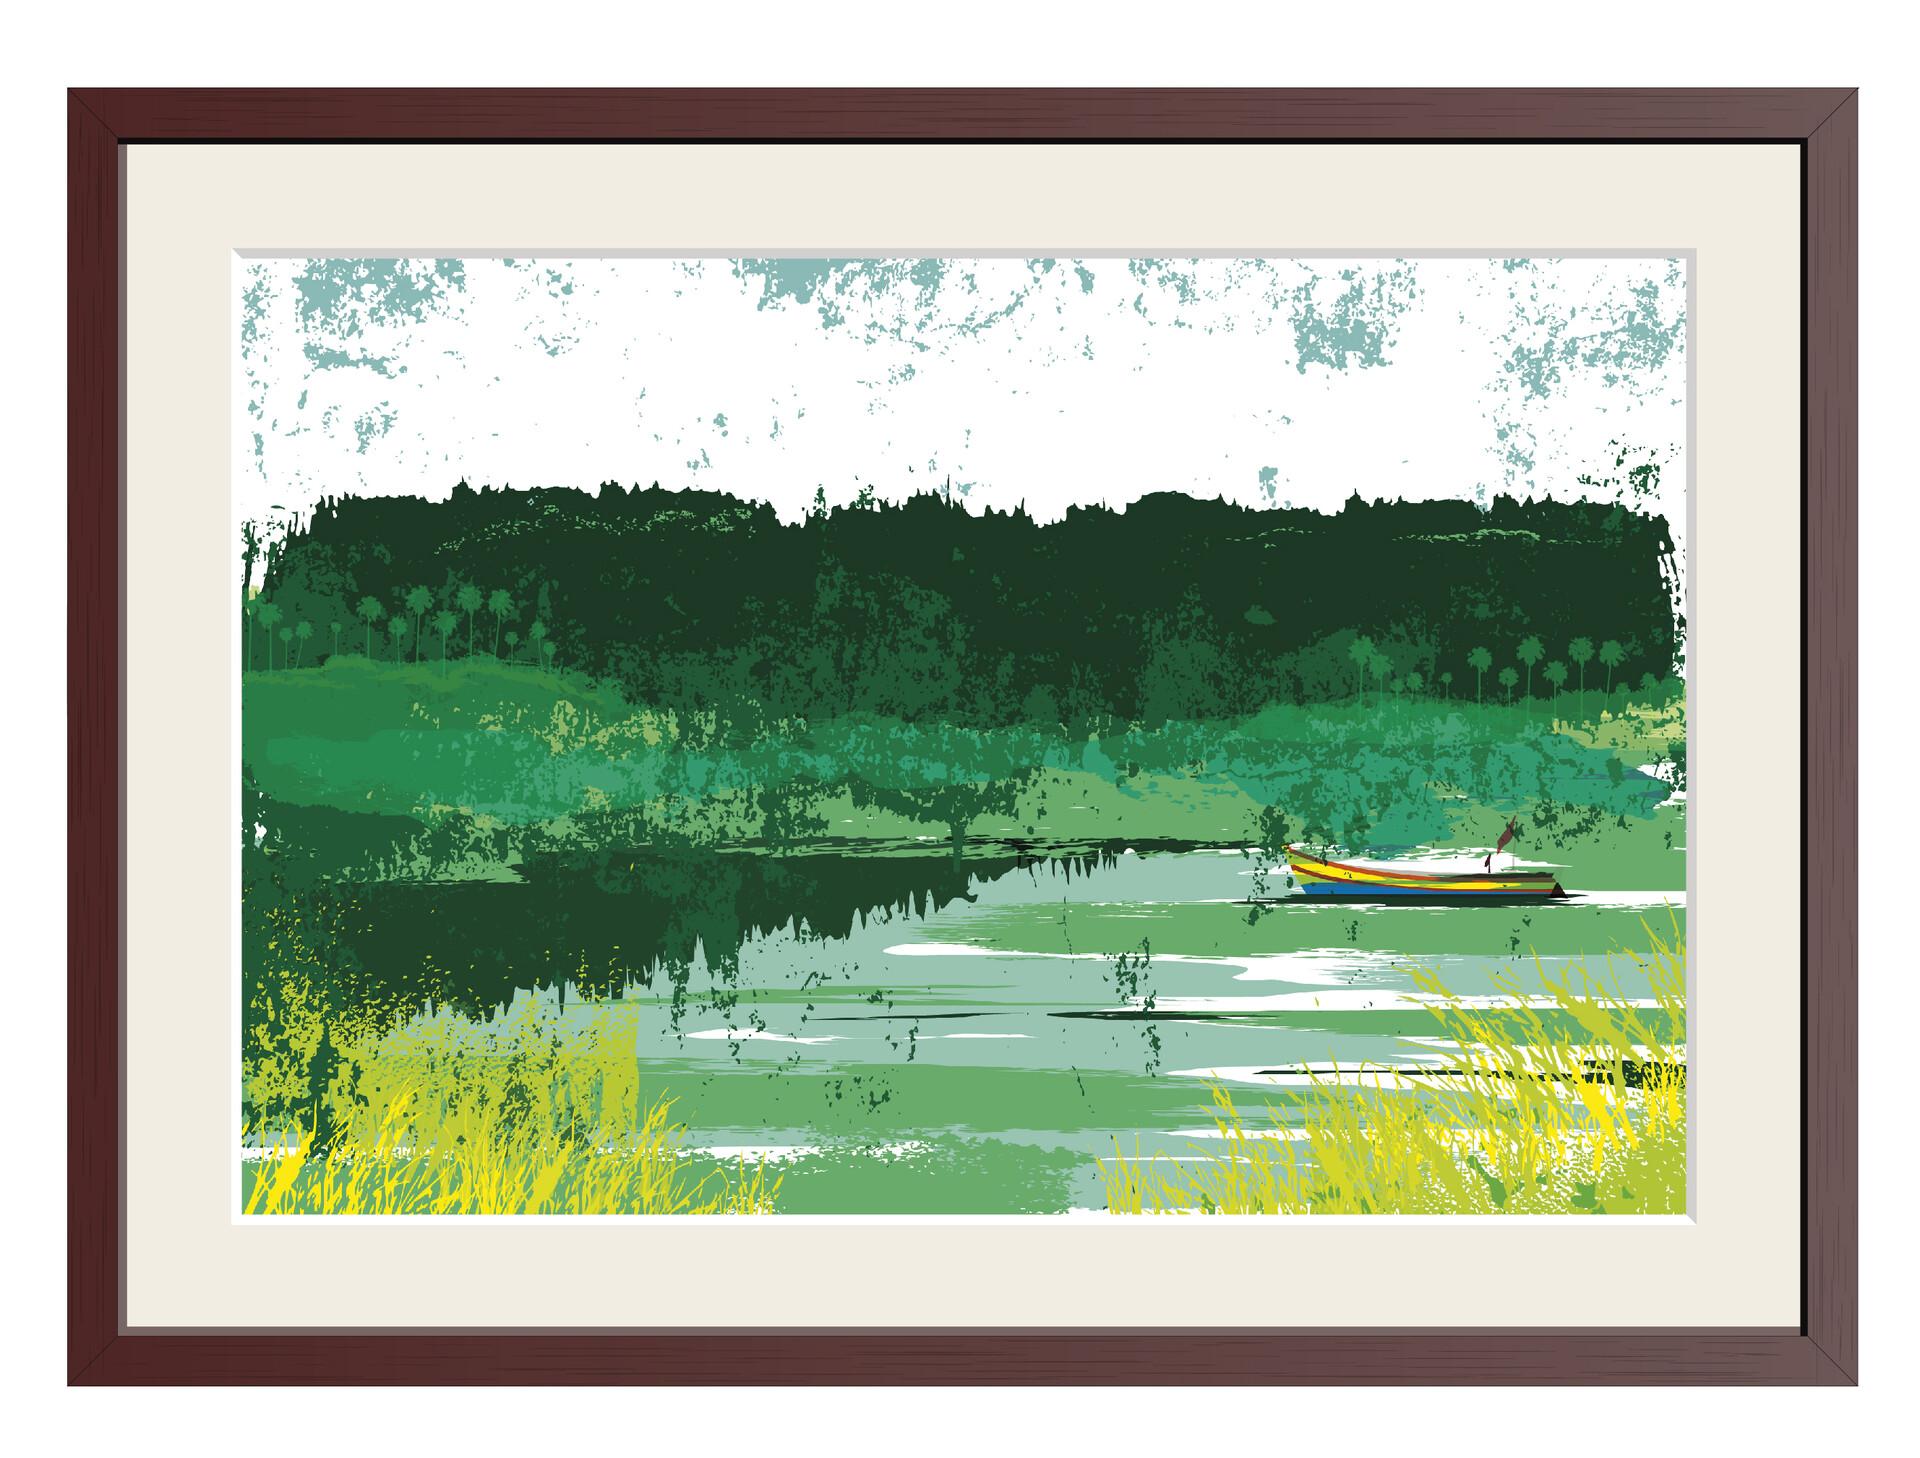 Rajesh r sawant frame 03